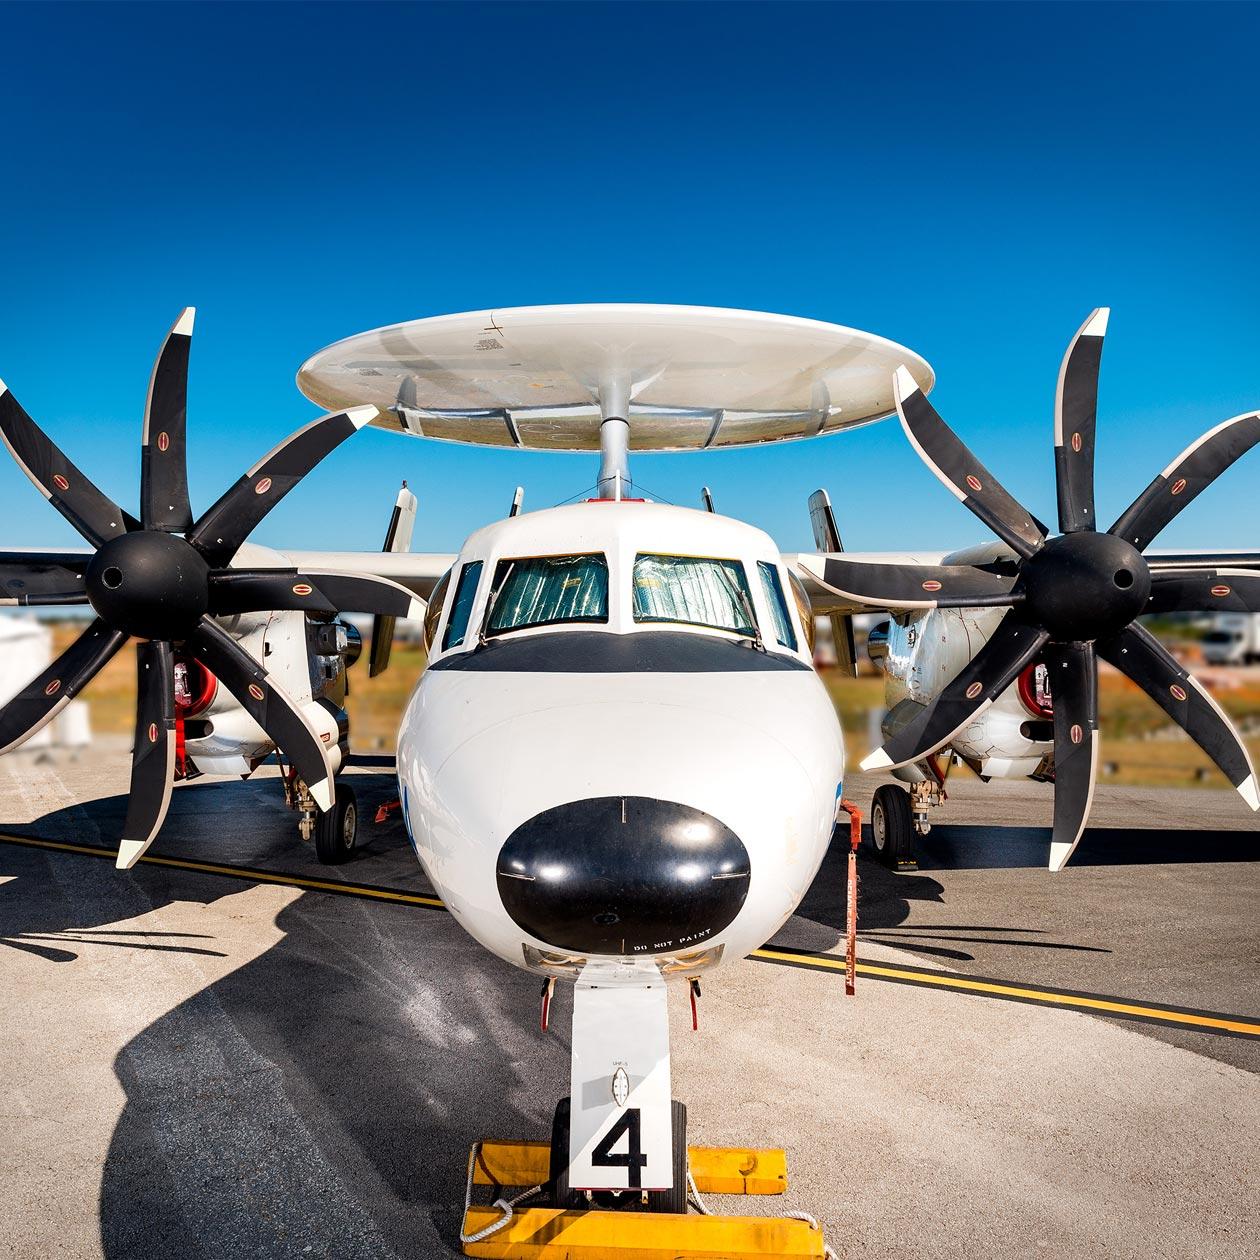 AWAX Aircraft